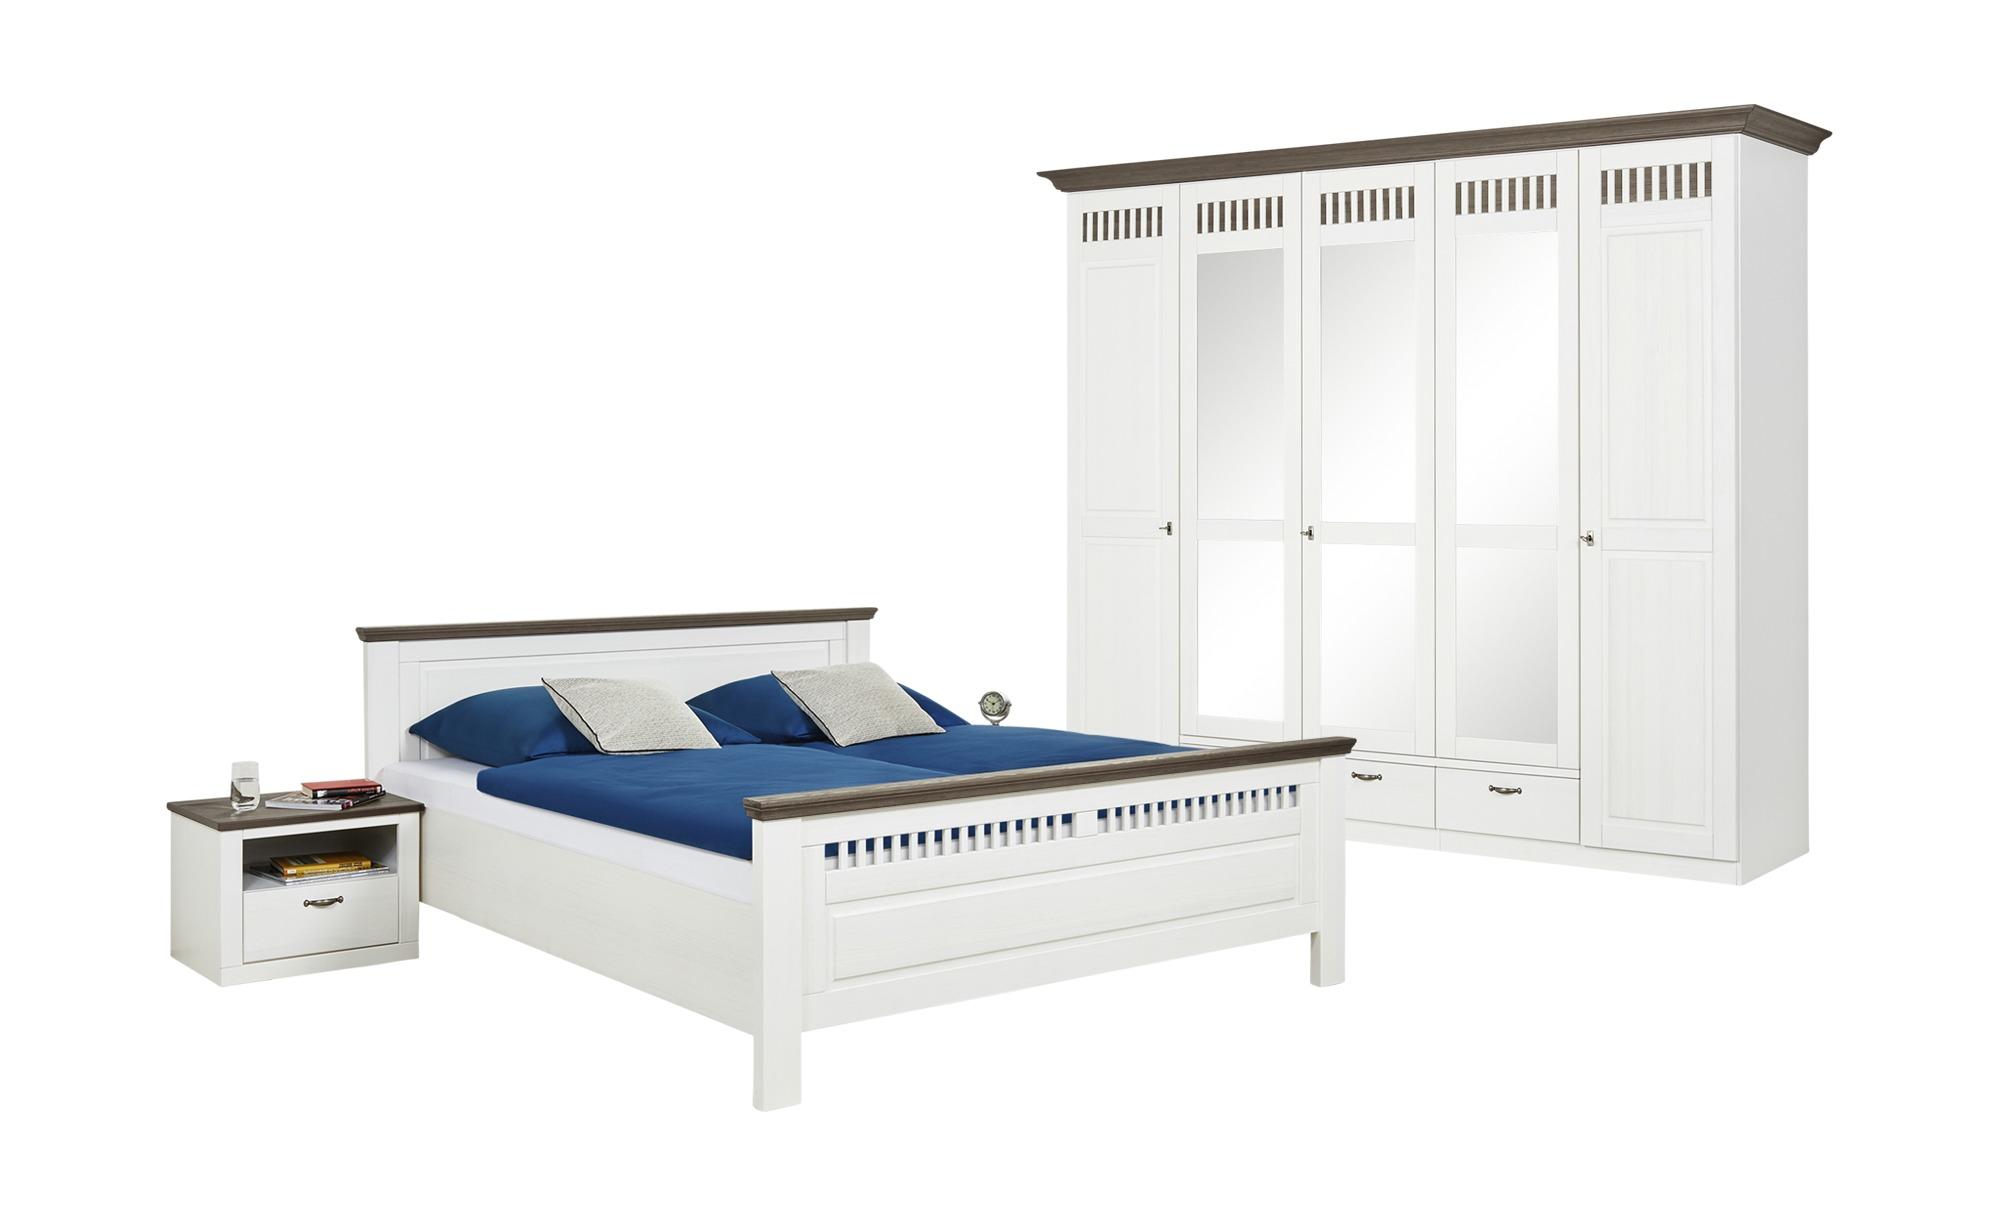 Woodford Schlafzimmer, 4-teilig  Monza ¦ weiß ¦ Maße (cm): B: 262 H: 221 T: 63 Komplett-Schlafzimmer - Höffner